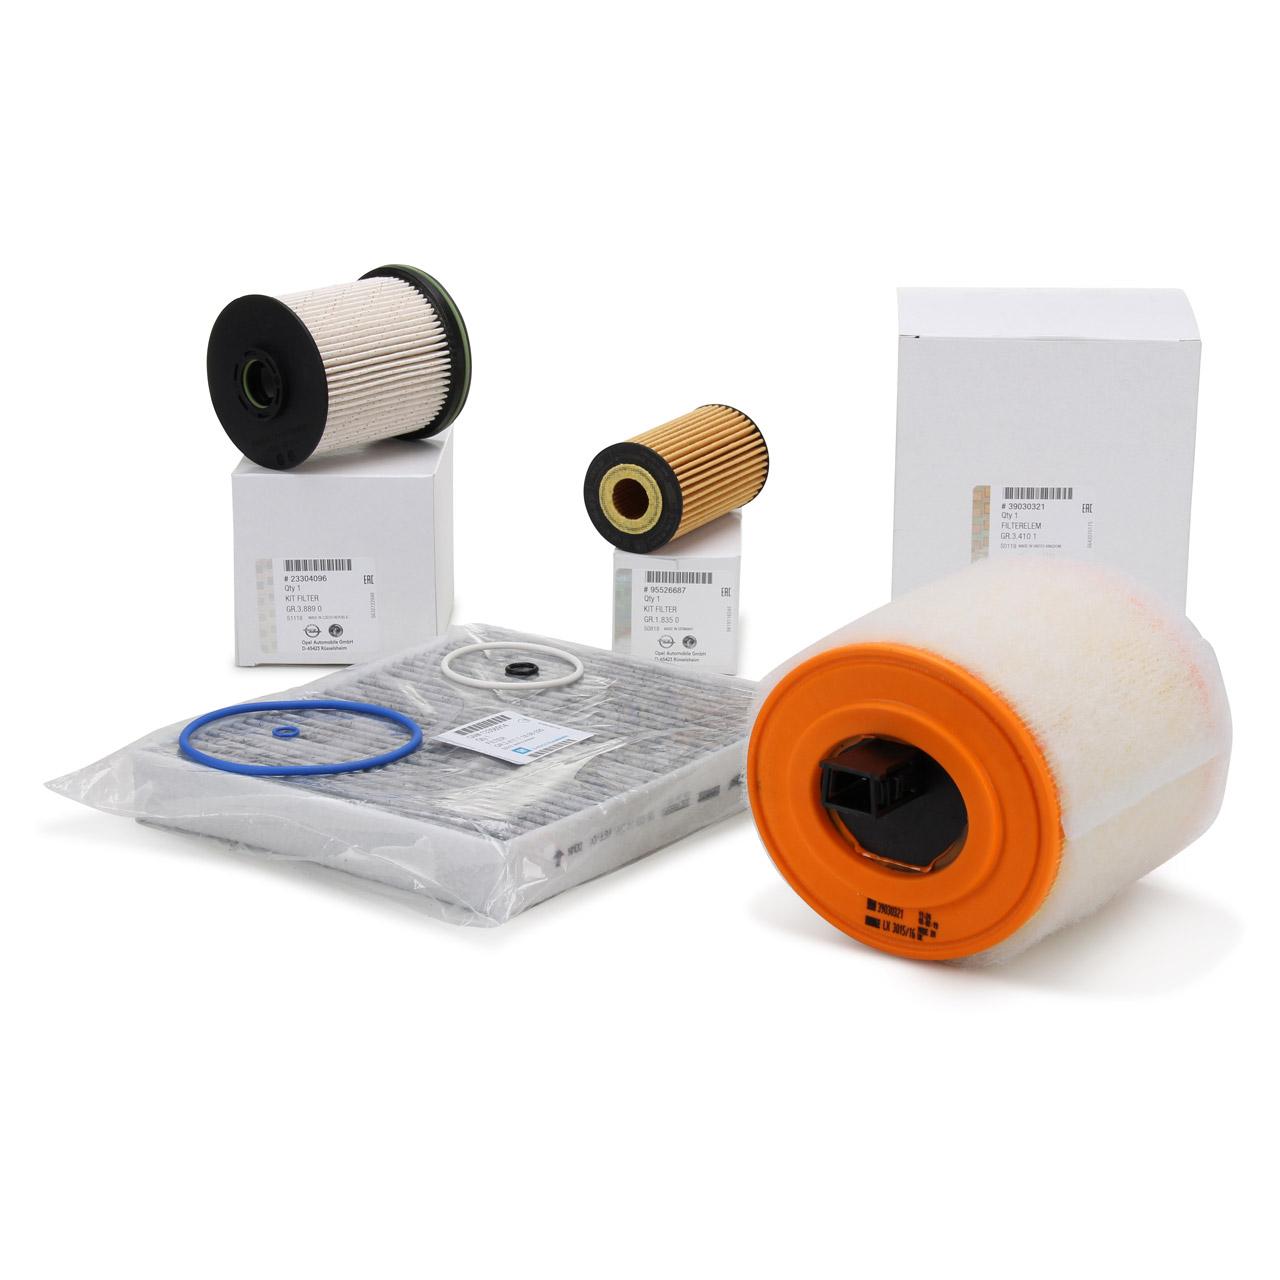 ORIGINAL GM Opel Inspektionskit Filterpaket Filterset ASTRA K 1.6 CDTi 95-160 PS